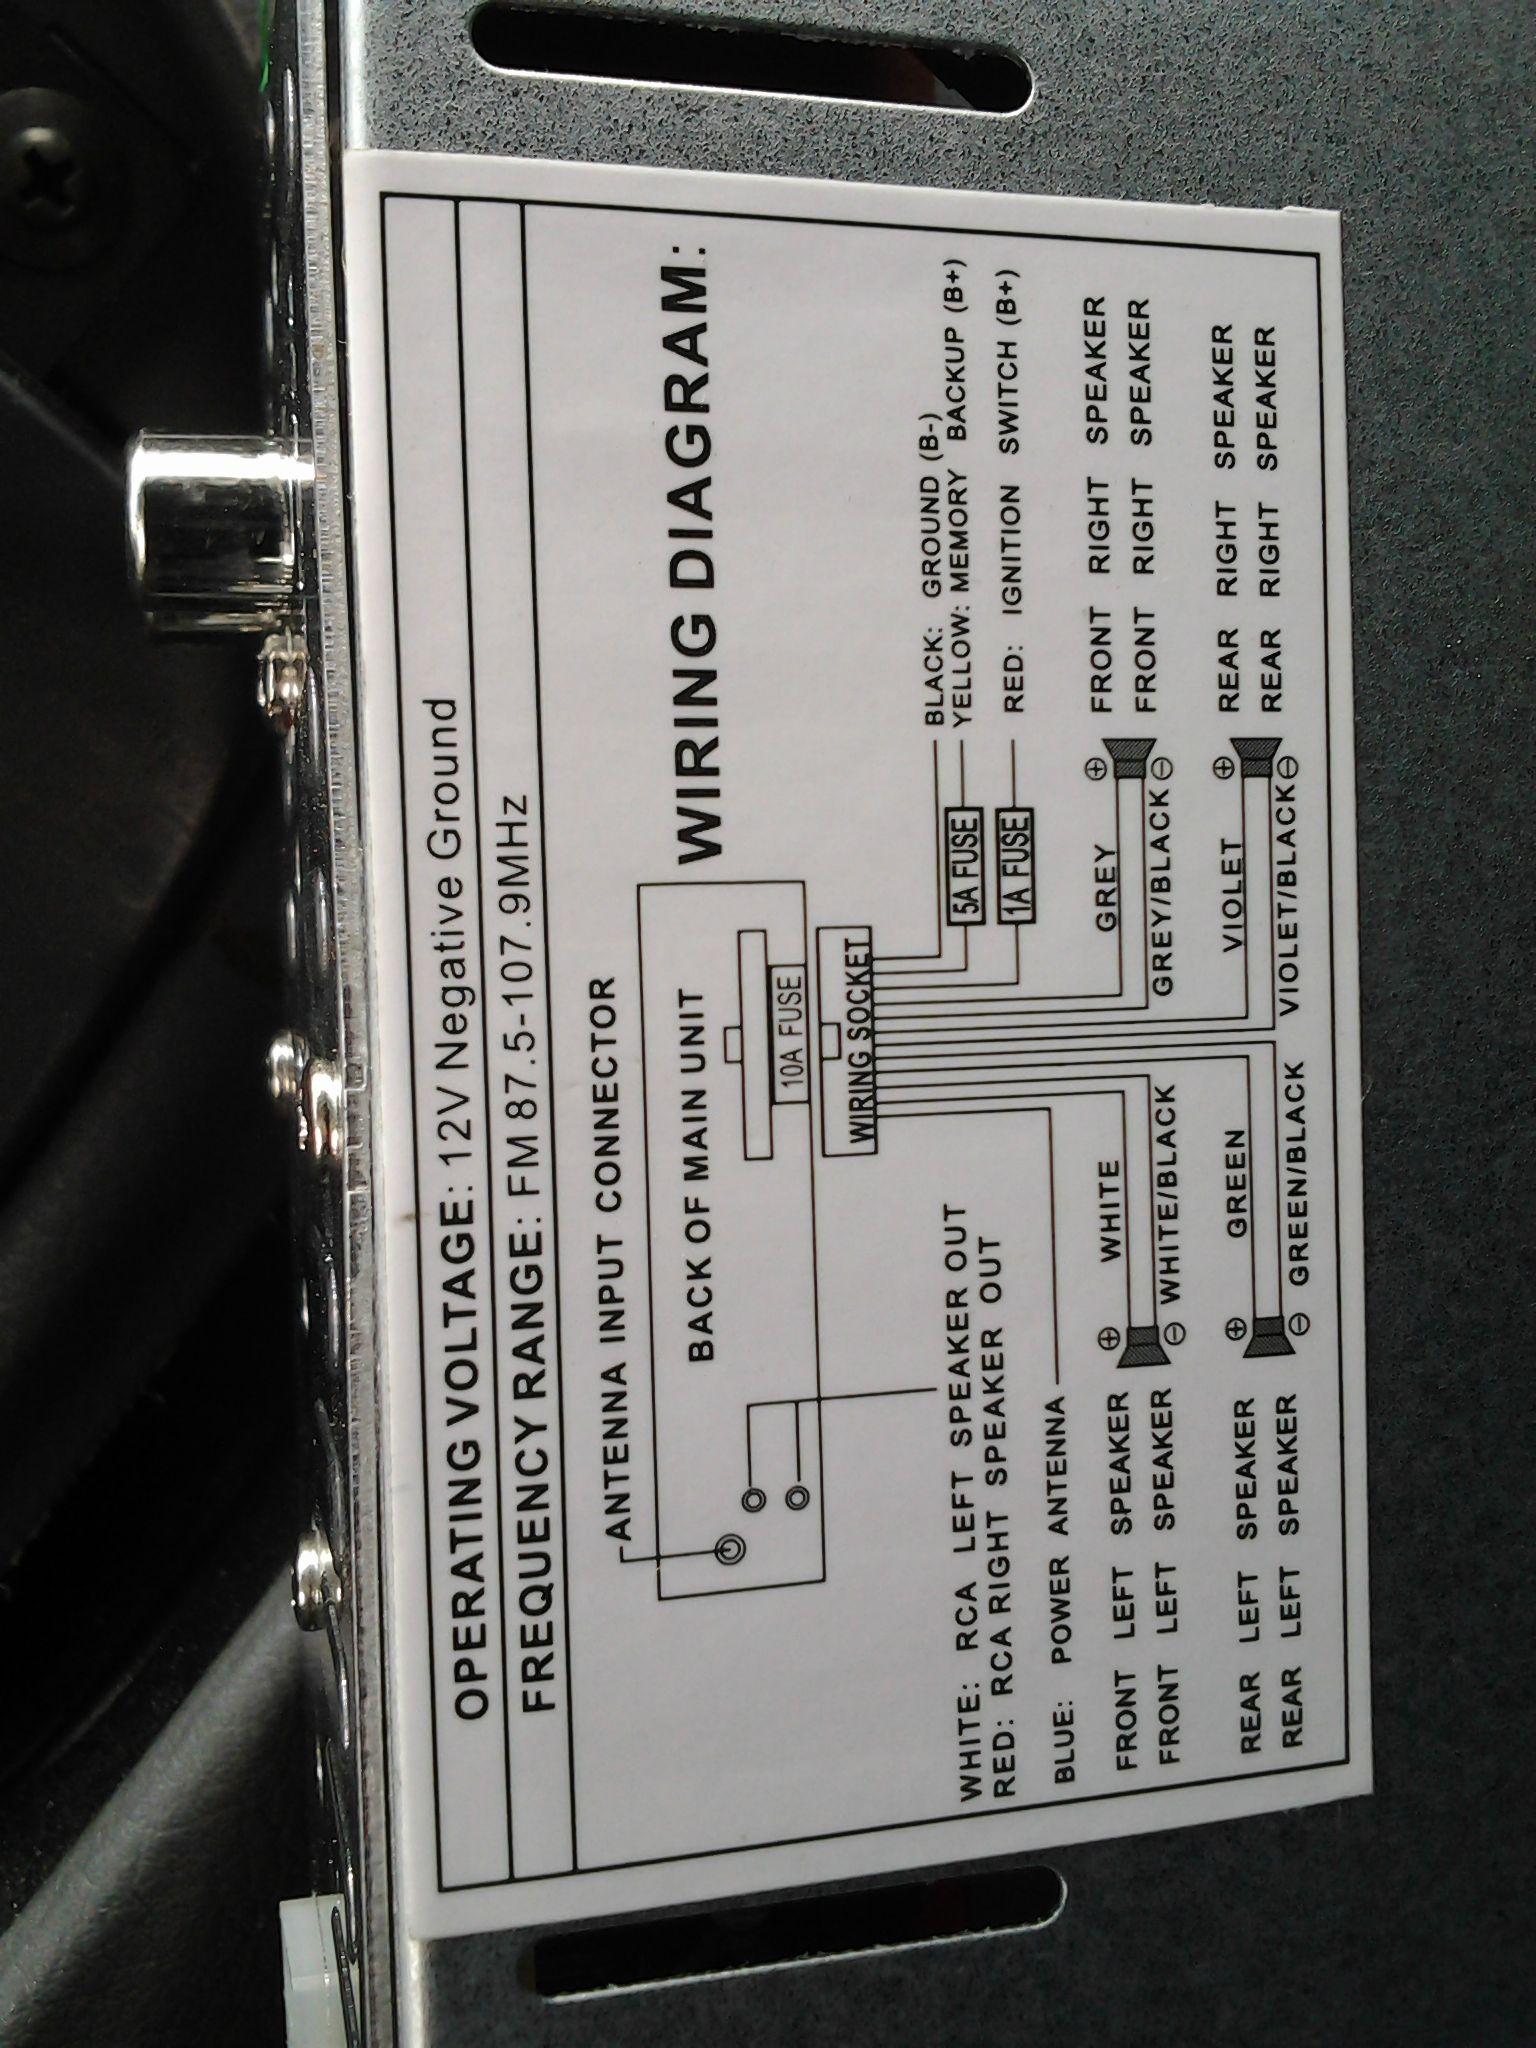 08 Chevy Aveo Wiring - Dodge Challenger Window Fuse Box Diagram for Wiring  Diagram Schematics   2008 Chevy Aveo Wiring Diagram      Wiring Diagram Schematics